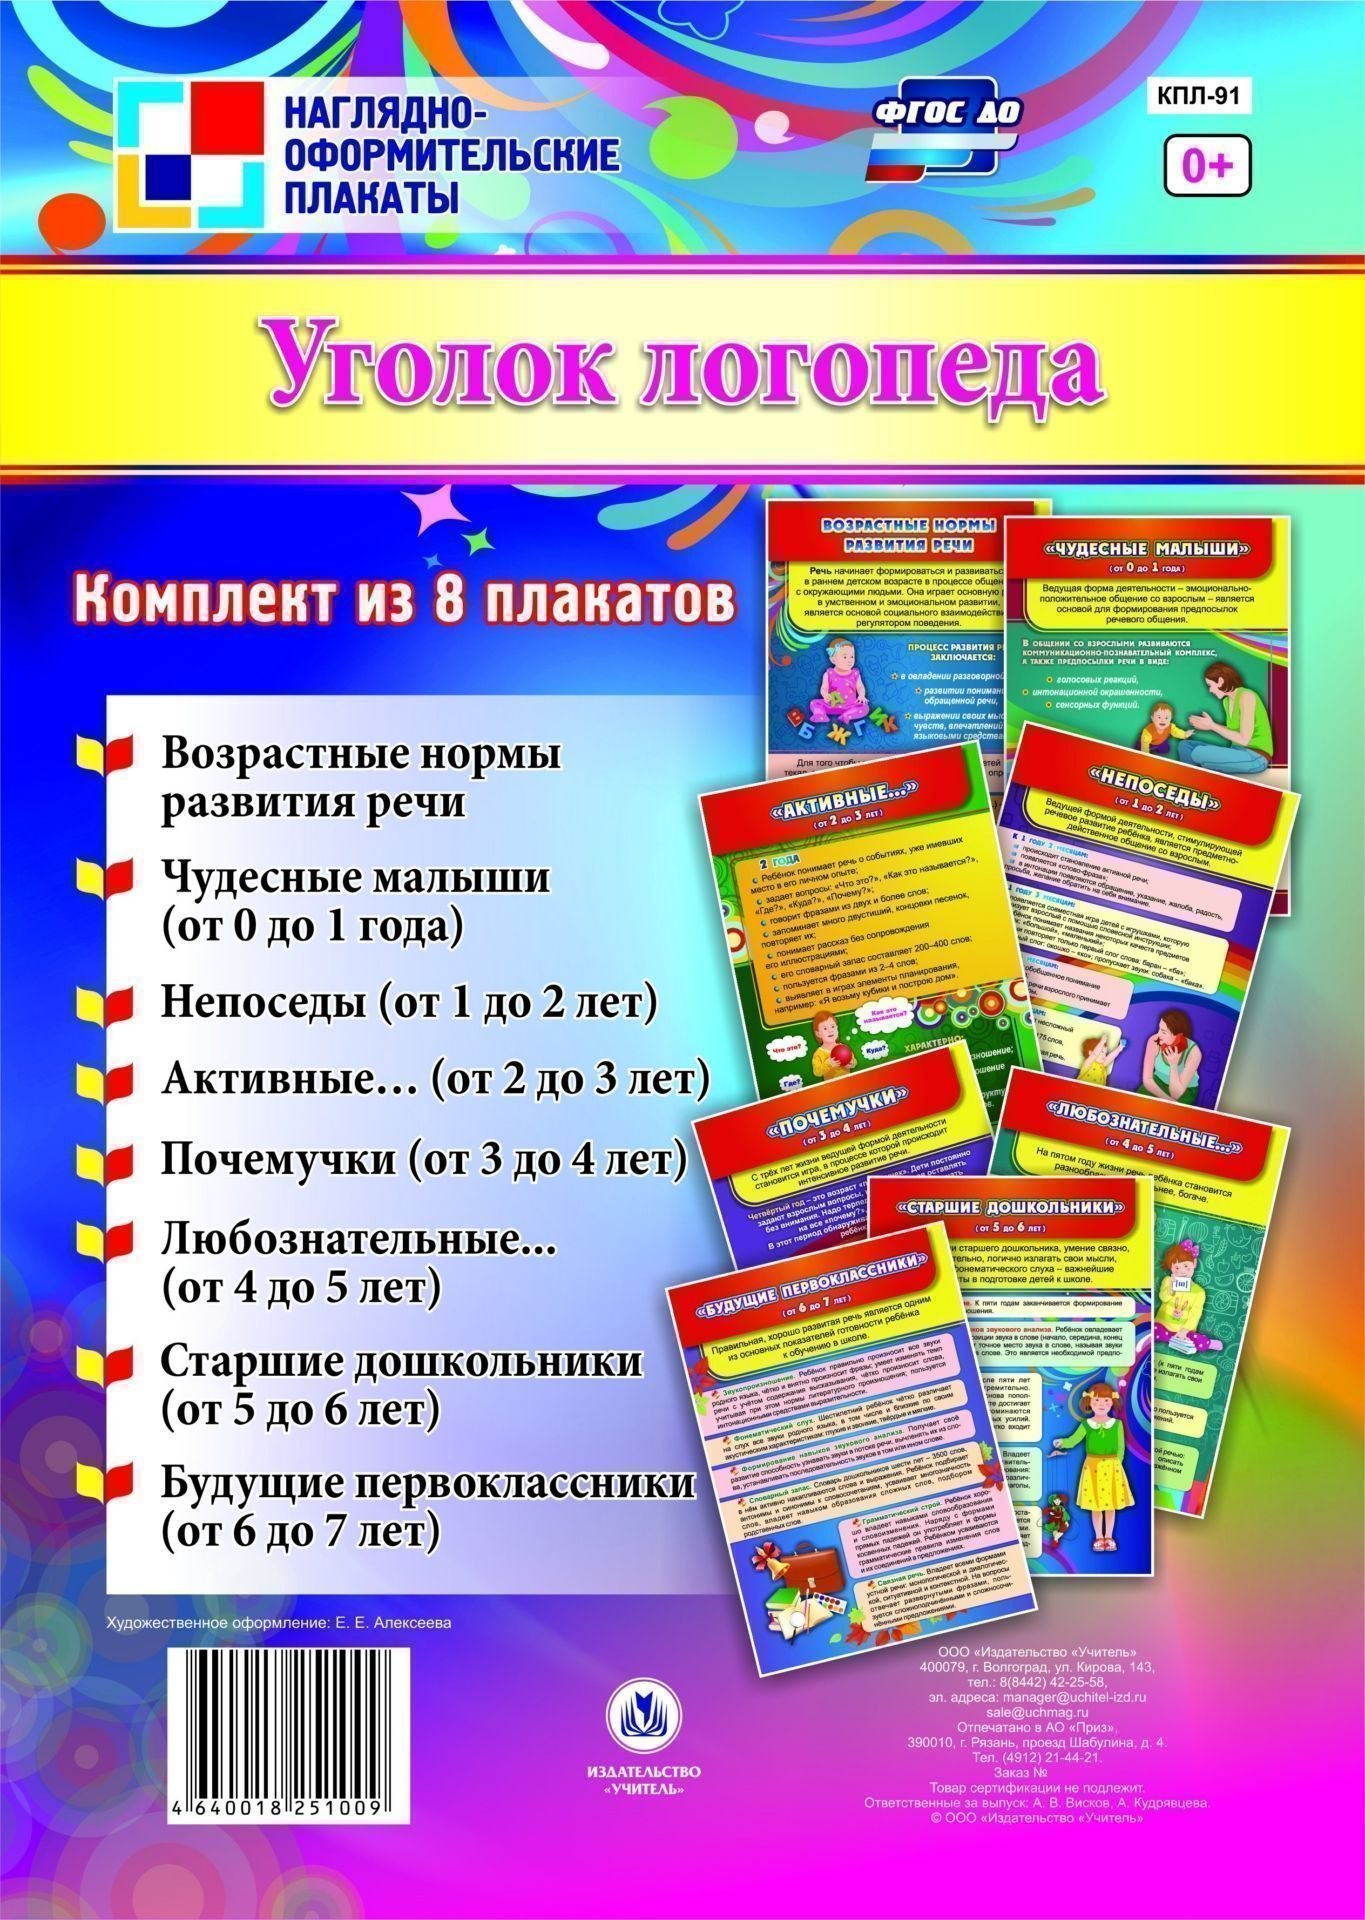 Комплект плакатов Уголок логопеда: 8 плакатовТематические плакаты<br>Комплект плакатов Уголок логопеда включает  8 наглядно-оформительских плакатов:1. Возрастные нормы развития речи;2. Чудесные малыши (от 0 до 1 года);3. Непоседы (от 1 до 2 лет);4. Активные… (от 2 до 3 лет);5. Почемучки (от 3 до 4 лет);6. Любознательные...<br><br>Год: 2018<br>Серия: Наглядно-оформительские плакаты<br>Высота: 290<br>Ширина: 205<br>Толщина: 3<br>Переплёт: набор